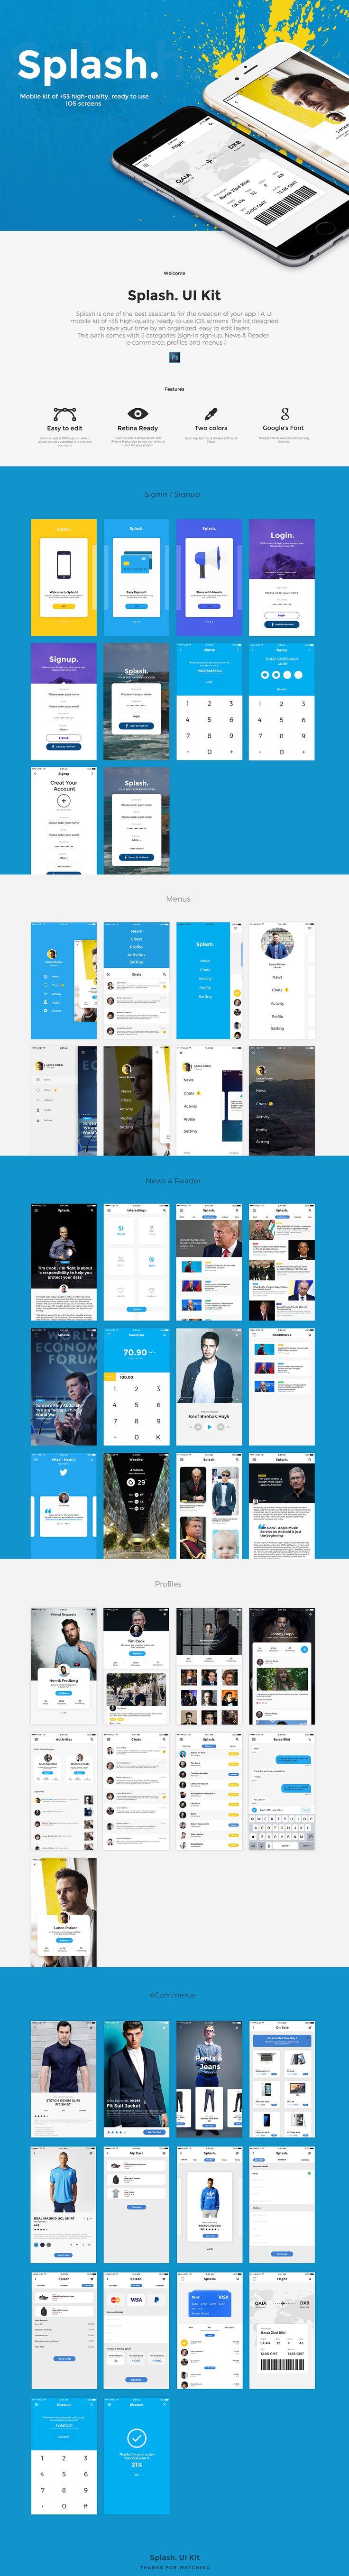 28 best Airline Mobile Design images on Pinterest | App design ...